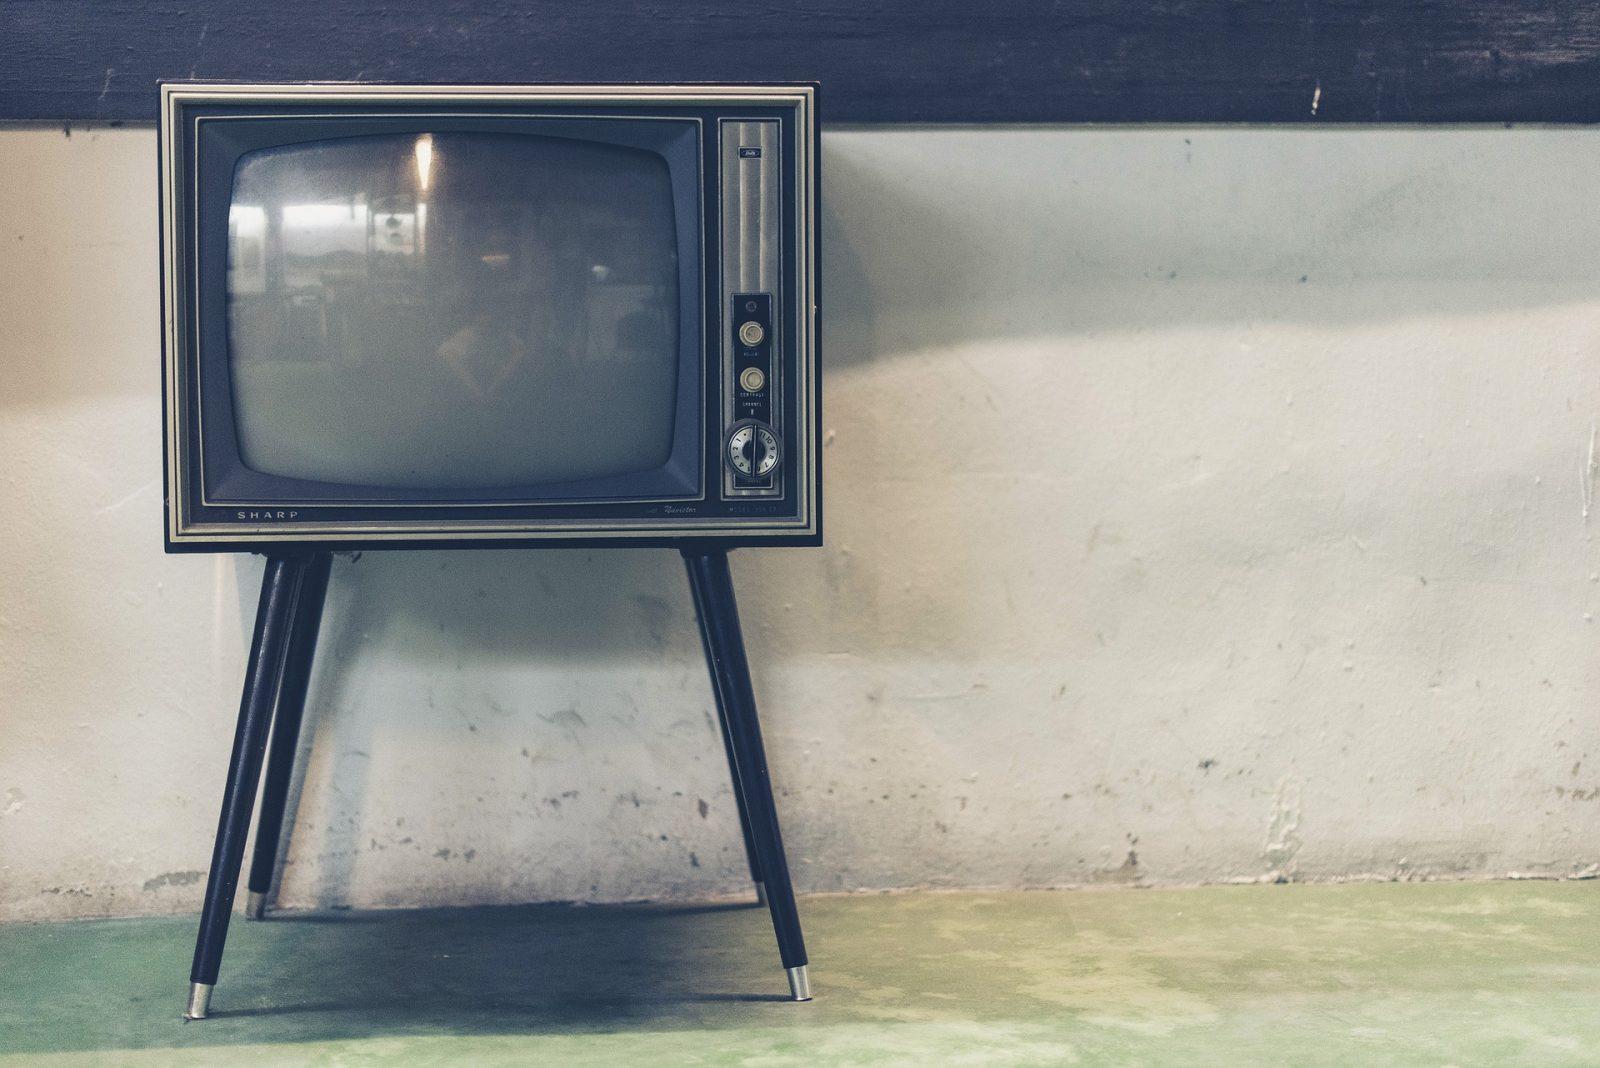 Scottish Inventions - TV